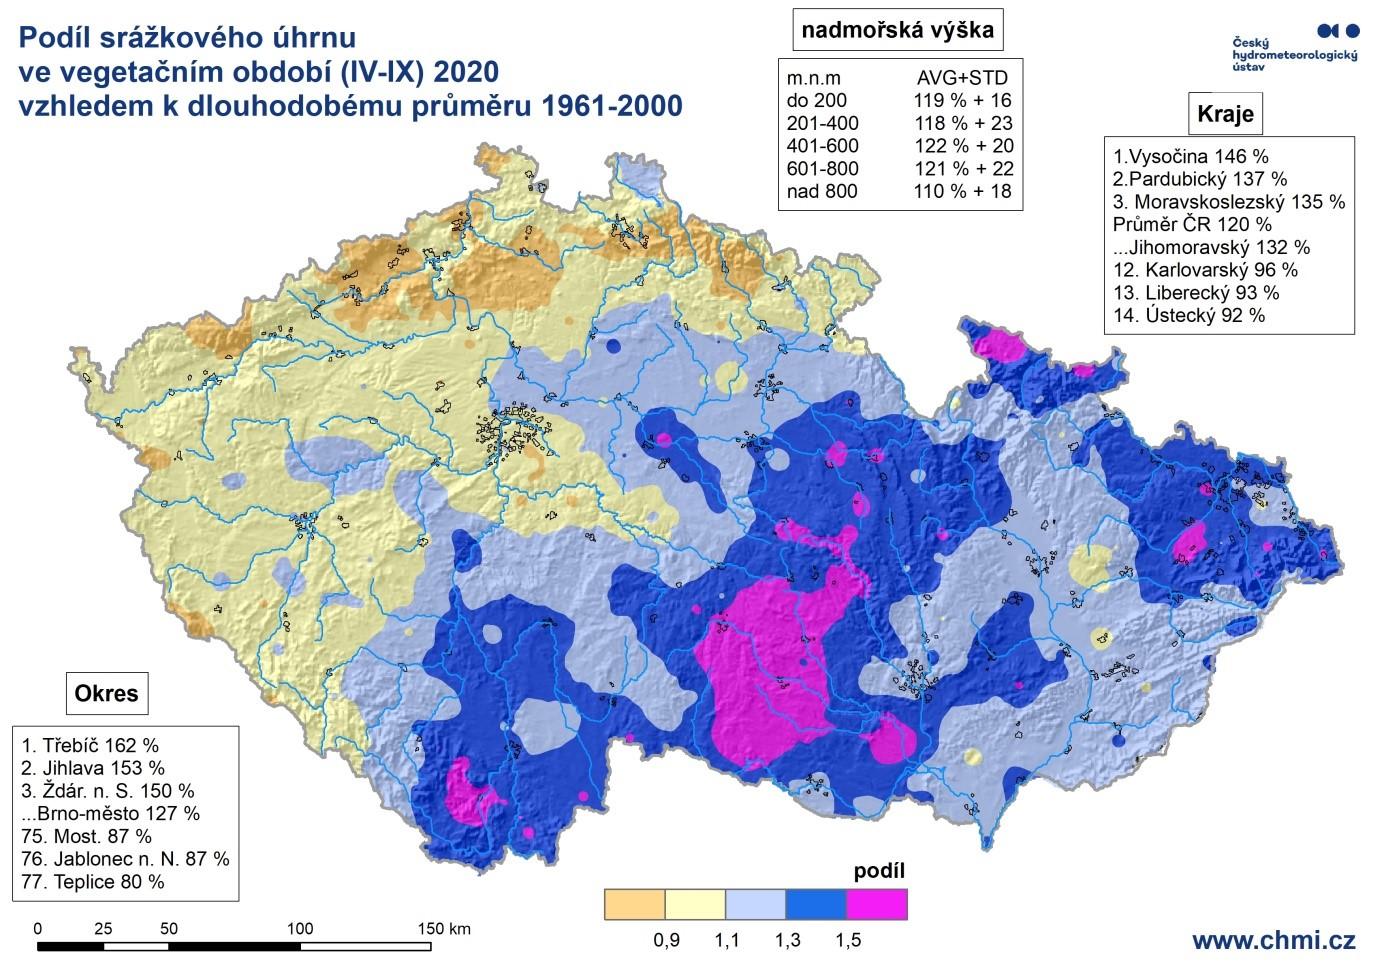 Vegetační sezóna 2020 z pohledu teplot a srážek2 min čtení